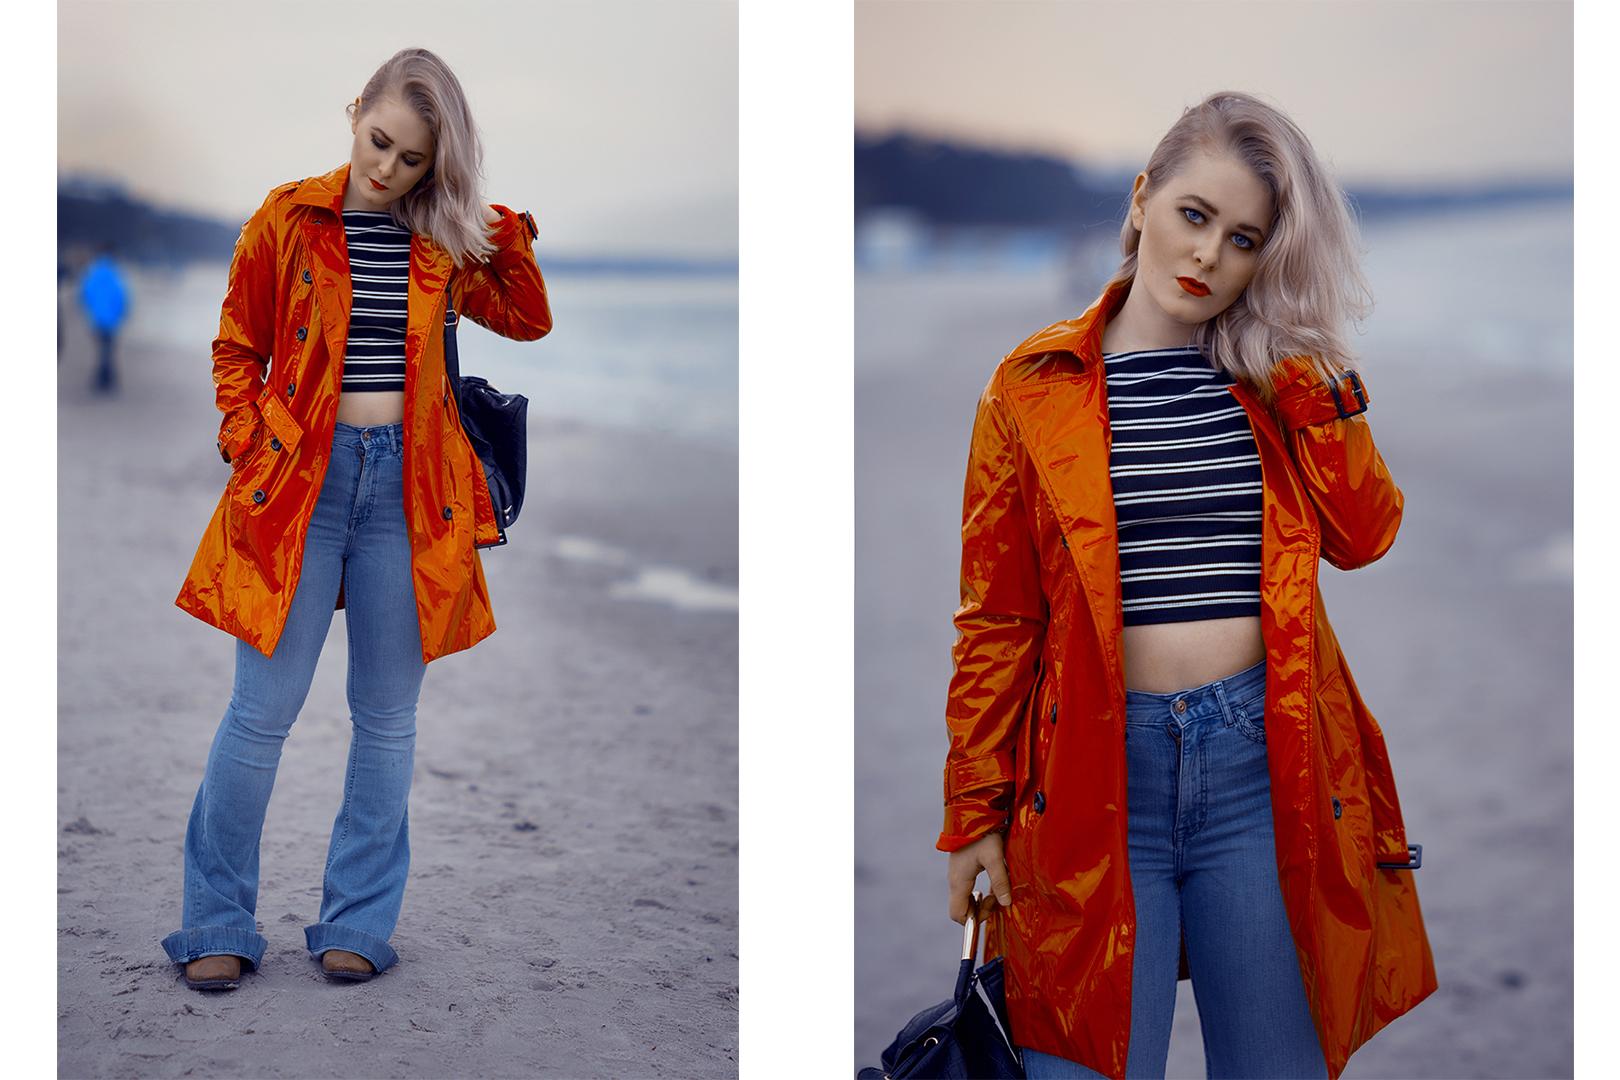 Roter Lackmantel kombiniert mit einer hellblauen Jeans und schwarzen Streifenshirt